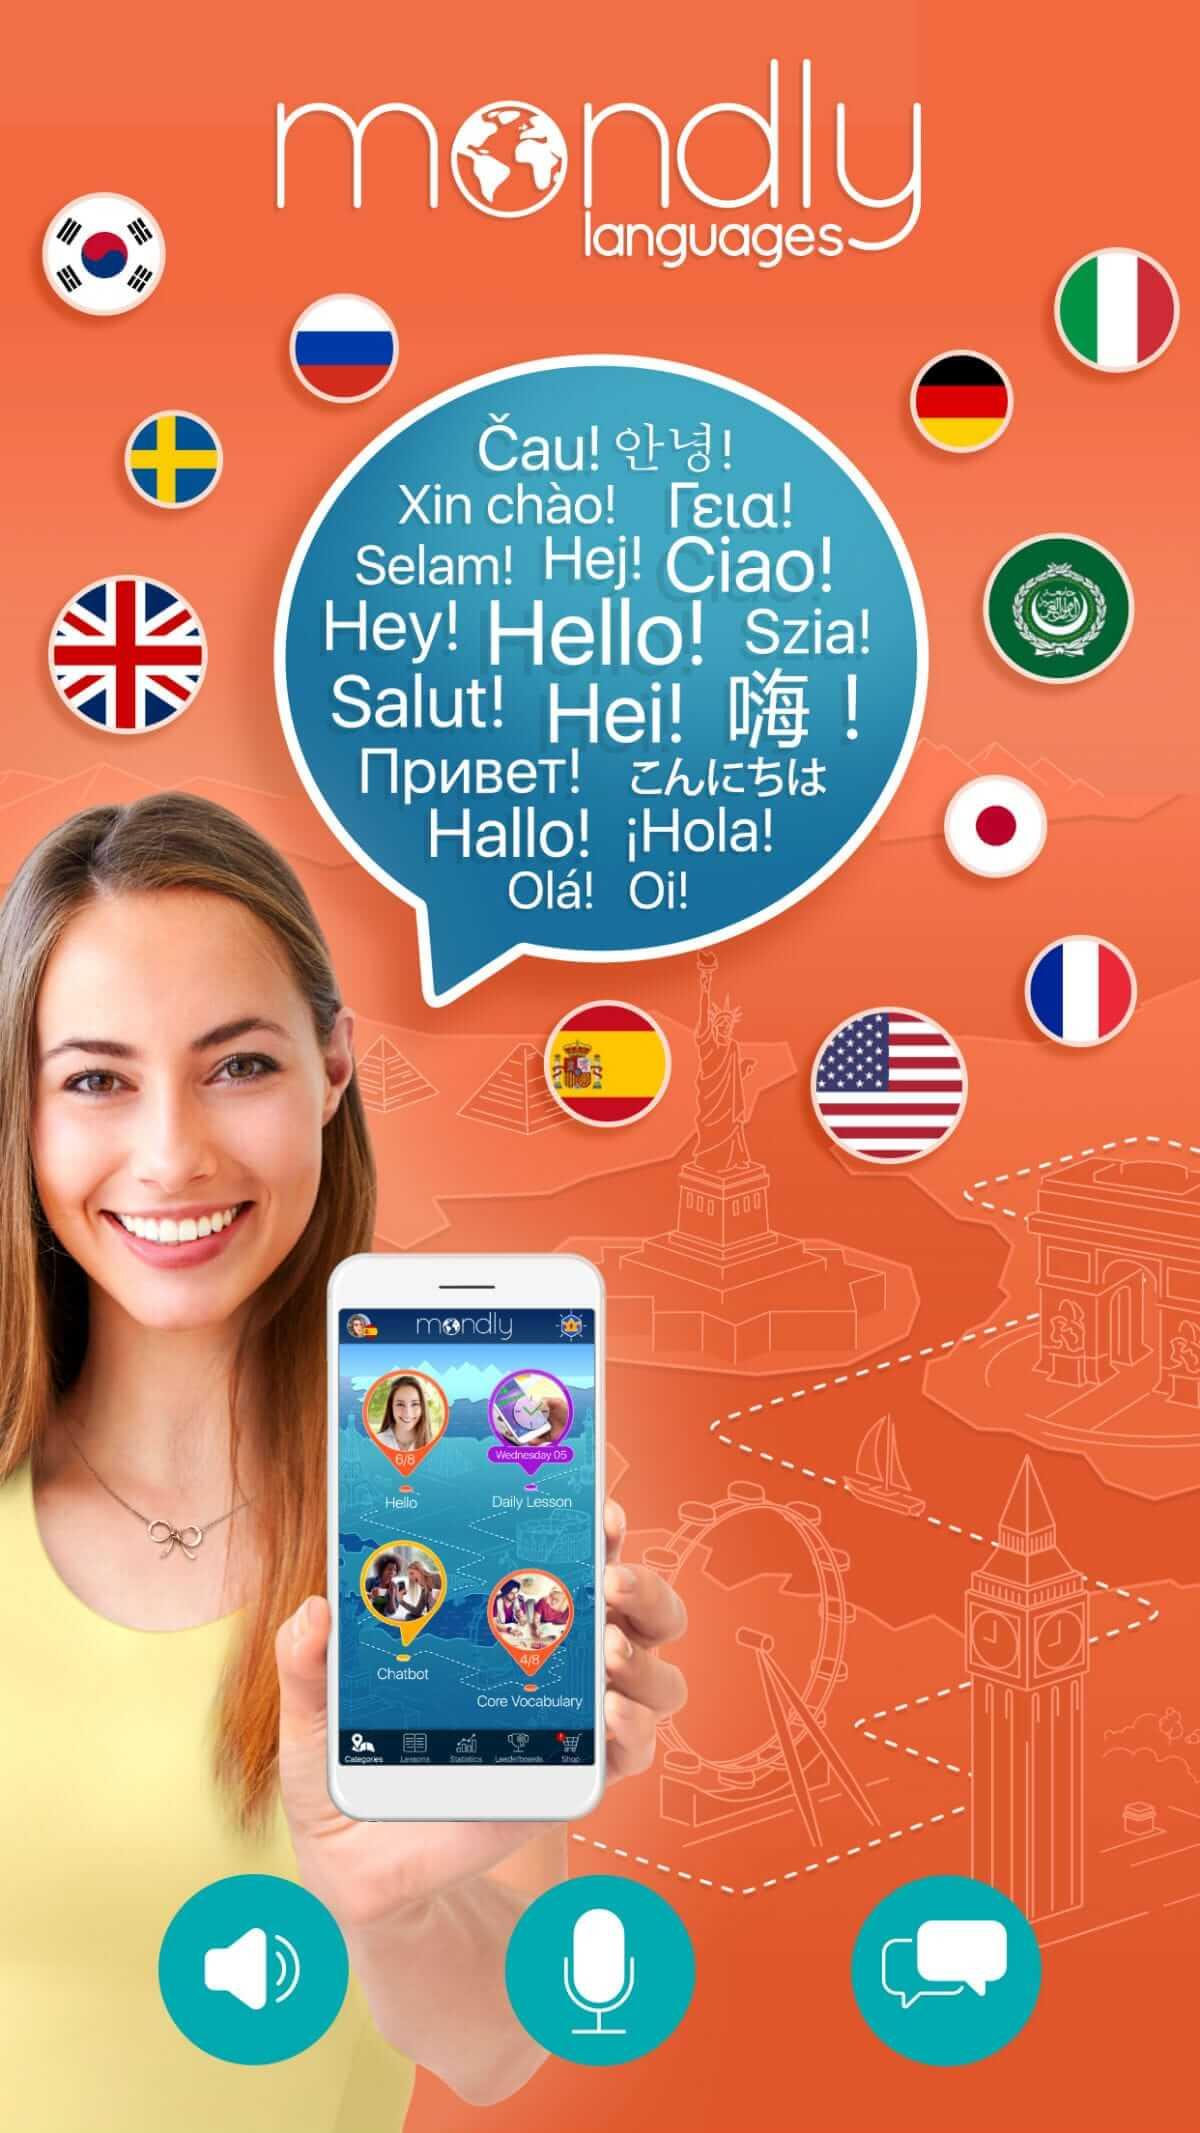 Alle Mondly Sprachkurse lebenslang nur 89,99 Euro